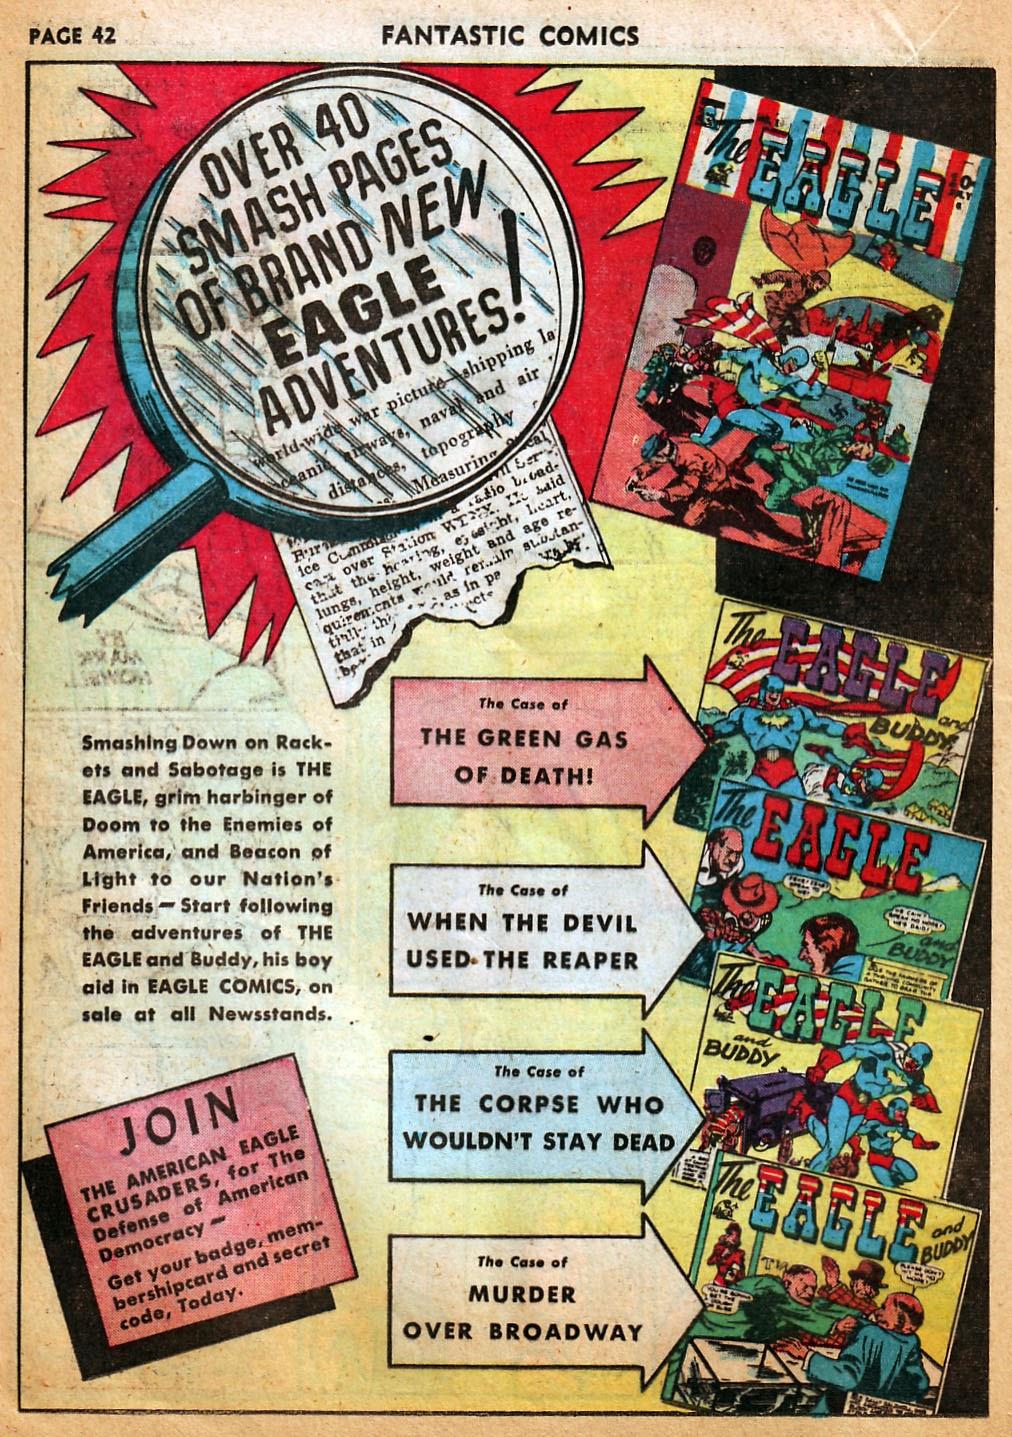 Read online Fantastic Comics comic -  Issue #22 - 43